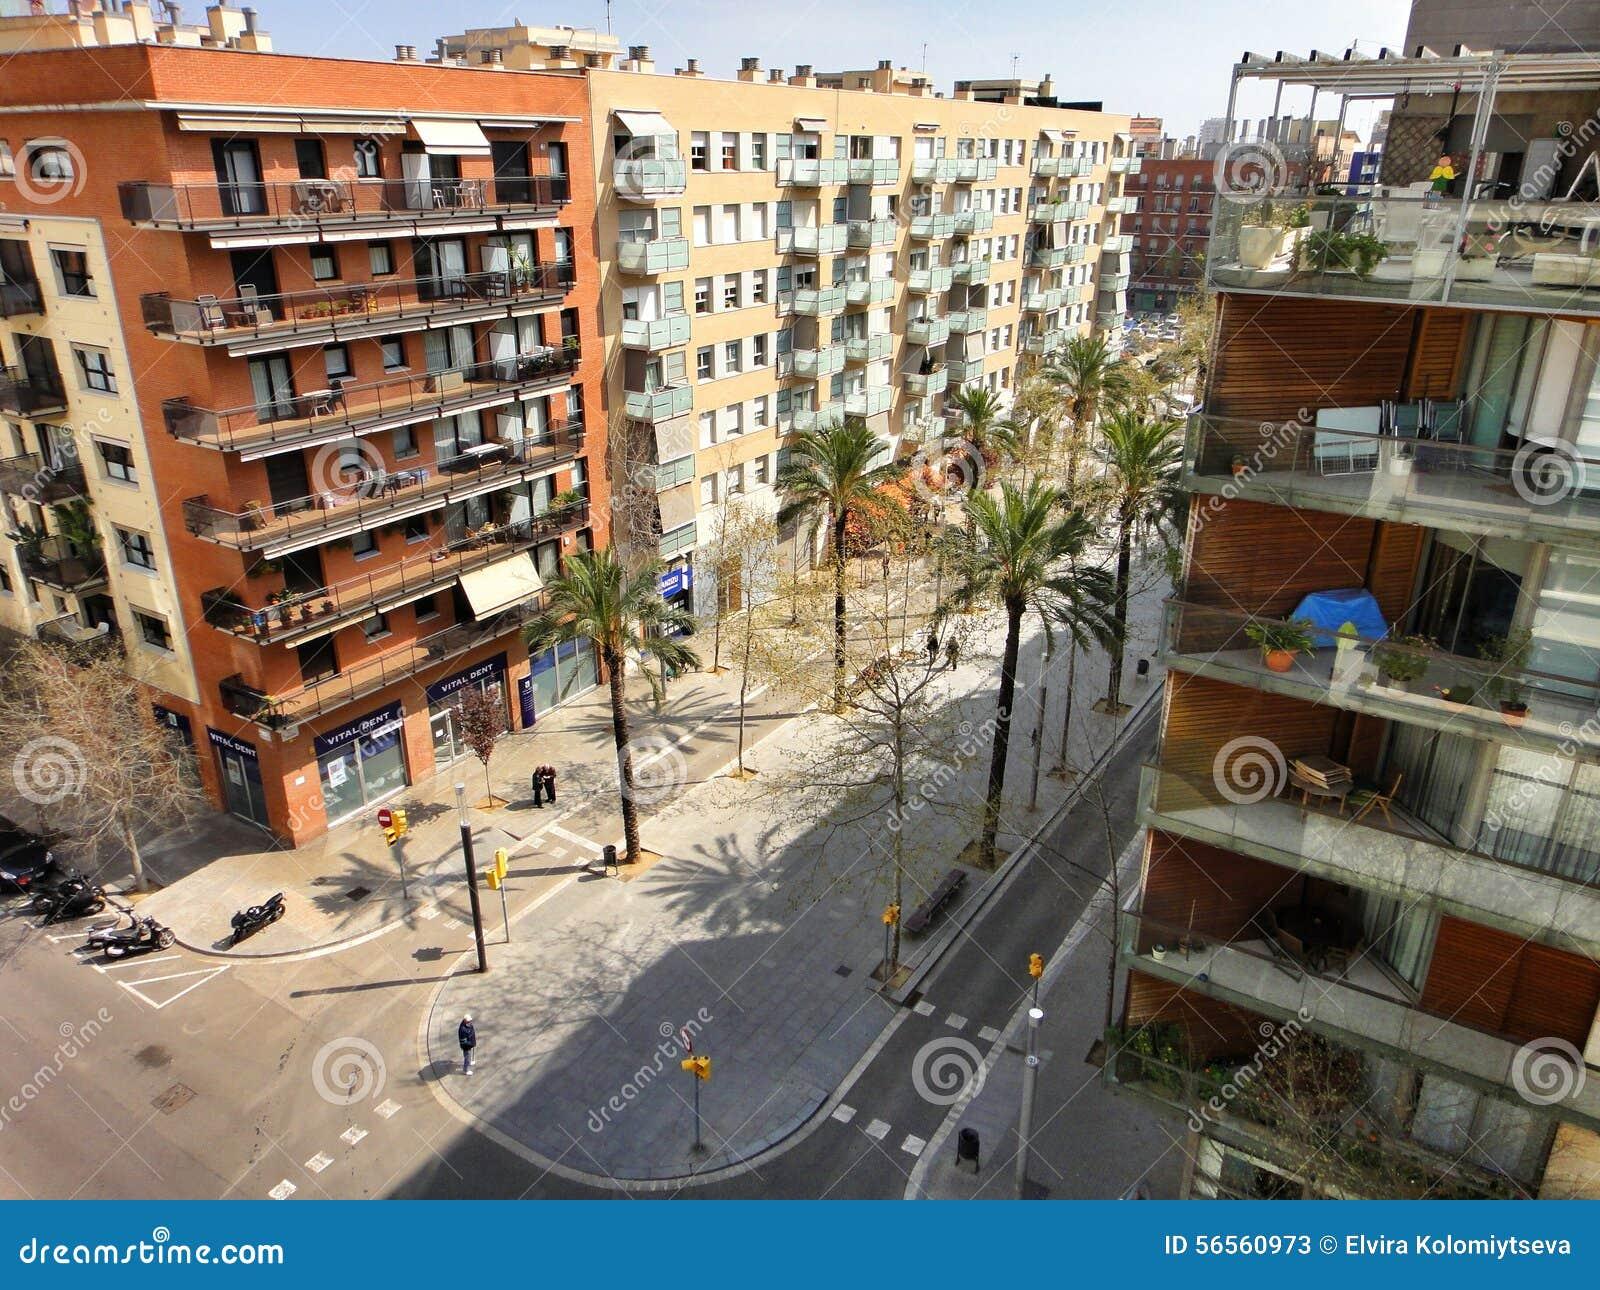 Download Παραδοσιακή αρχιτεκτονική της Βαρκελώνης, Ισπανία Εκδοτική Στοκ Εικόνες - εικόνα από arroyos, μεσογειακός: 56560973